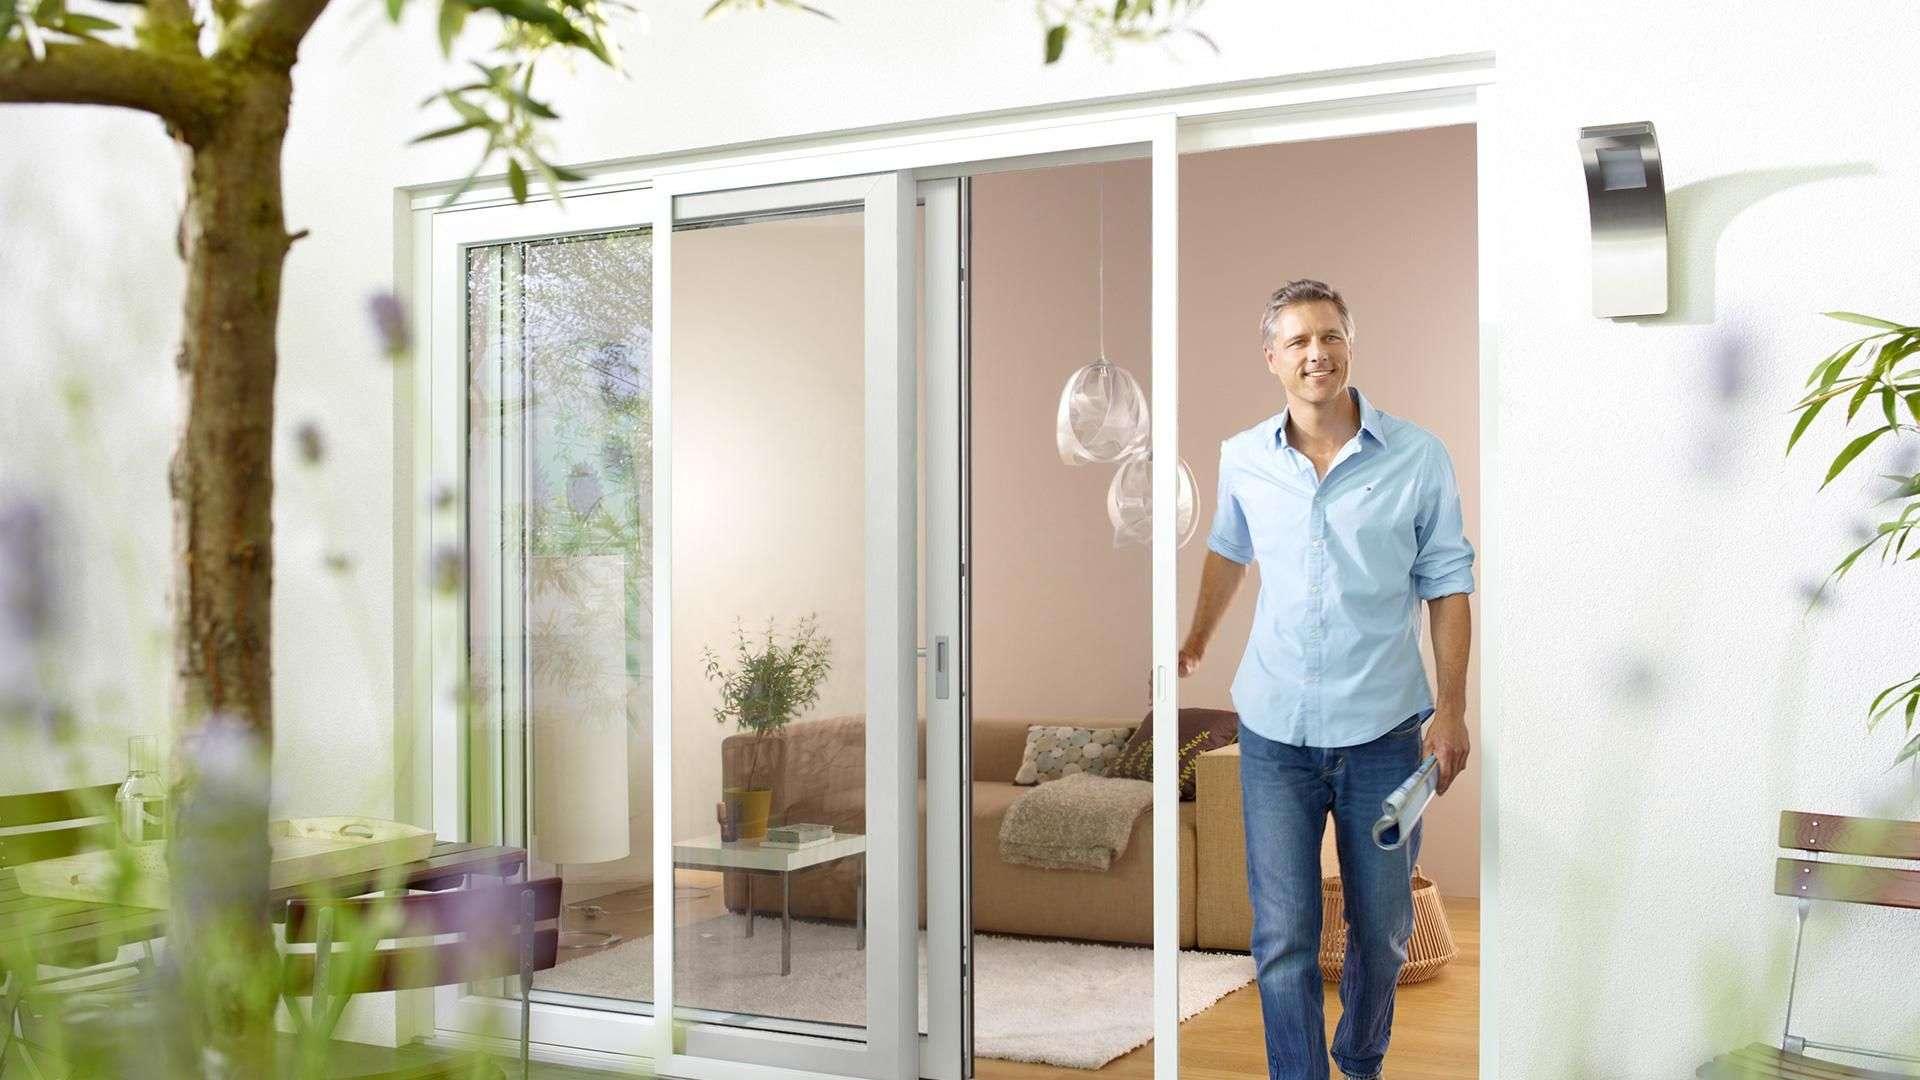 Mann kommt aus einer Terrassentür mit Insektenschutz-Gitter davor